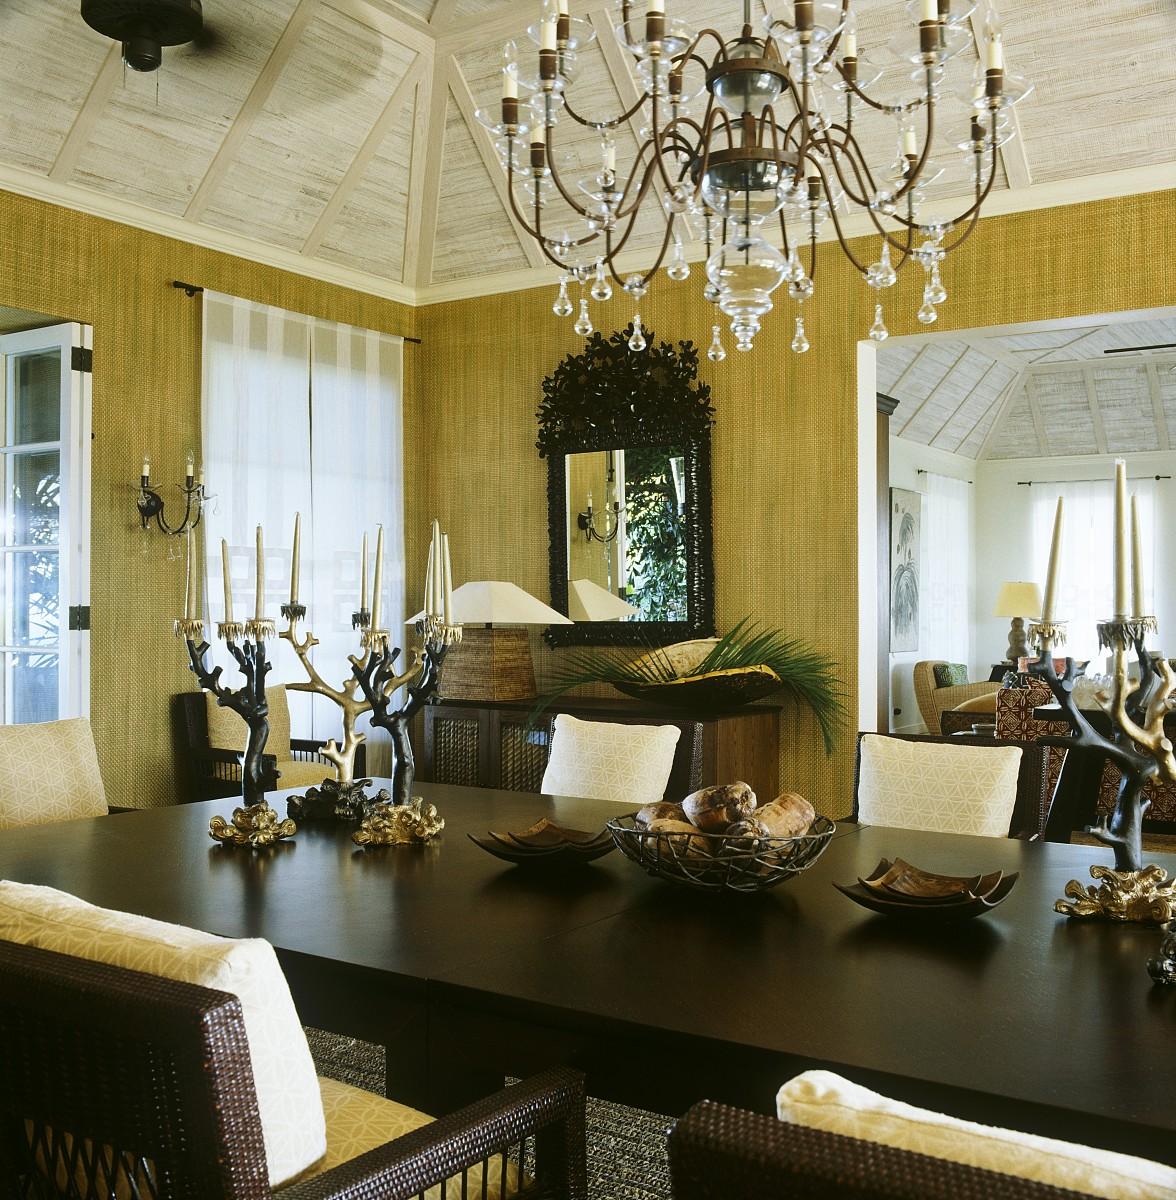 餐厅的墙壁上贴满了草墙纸,房间里摆满了20世纪40年代风格的法式桌子